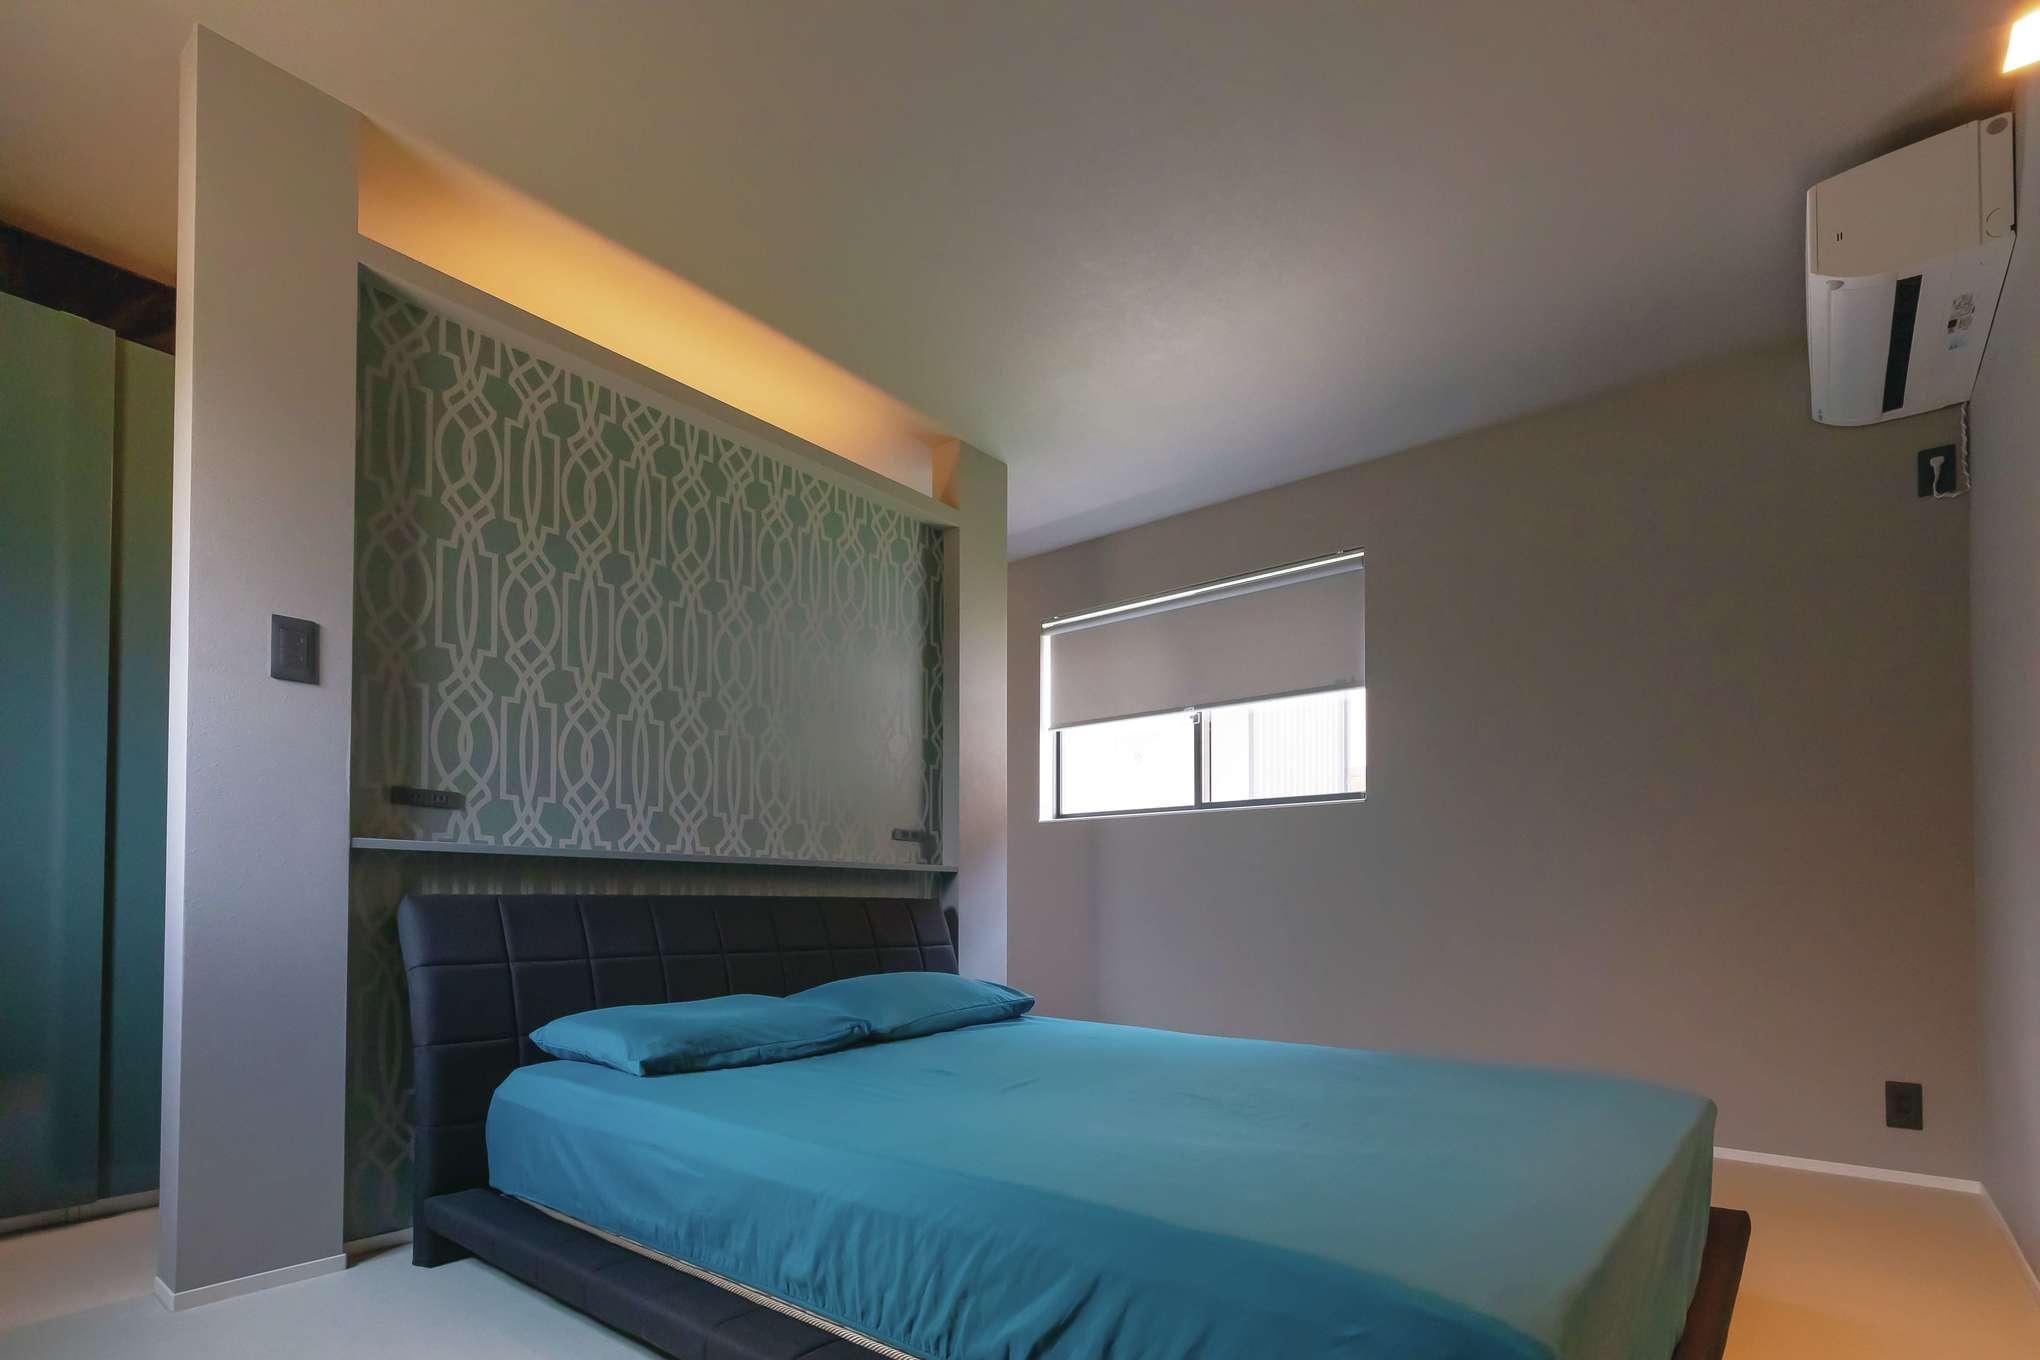 MABUCHI【デザイン住宅、省エネ、建築家】ブルーのクロスが映える寝室。ウォークスルークローゼットにもブルーの鏡面仕上げの扉を付けて上質に演出